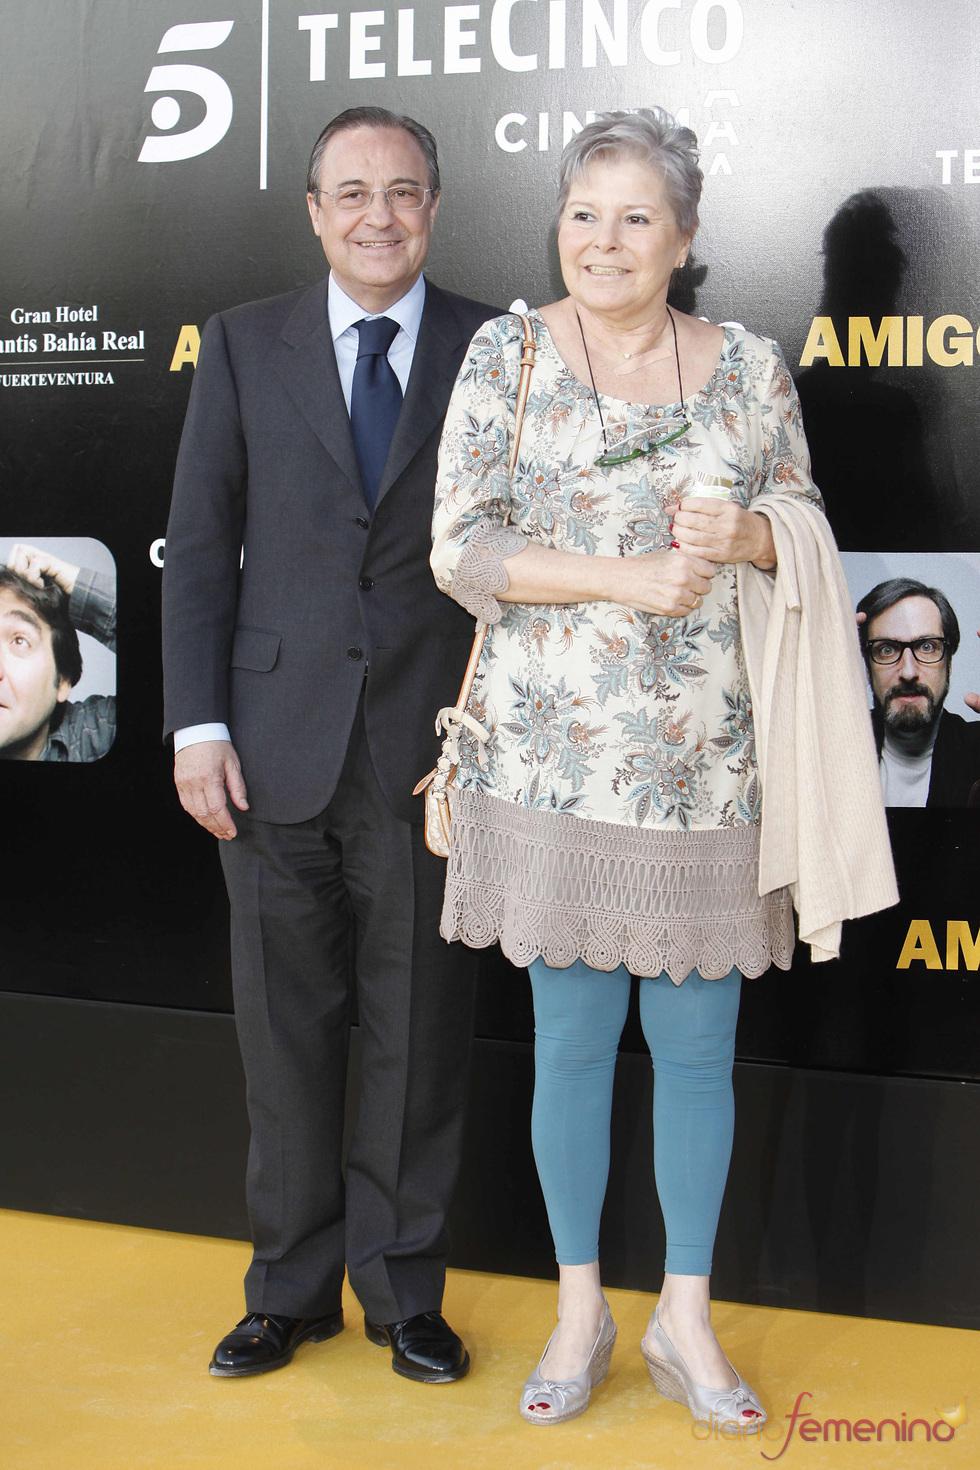 Florentino Pérez y su mujer en el estreno de la película 'Amigos'